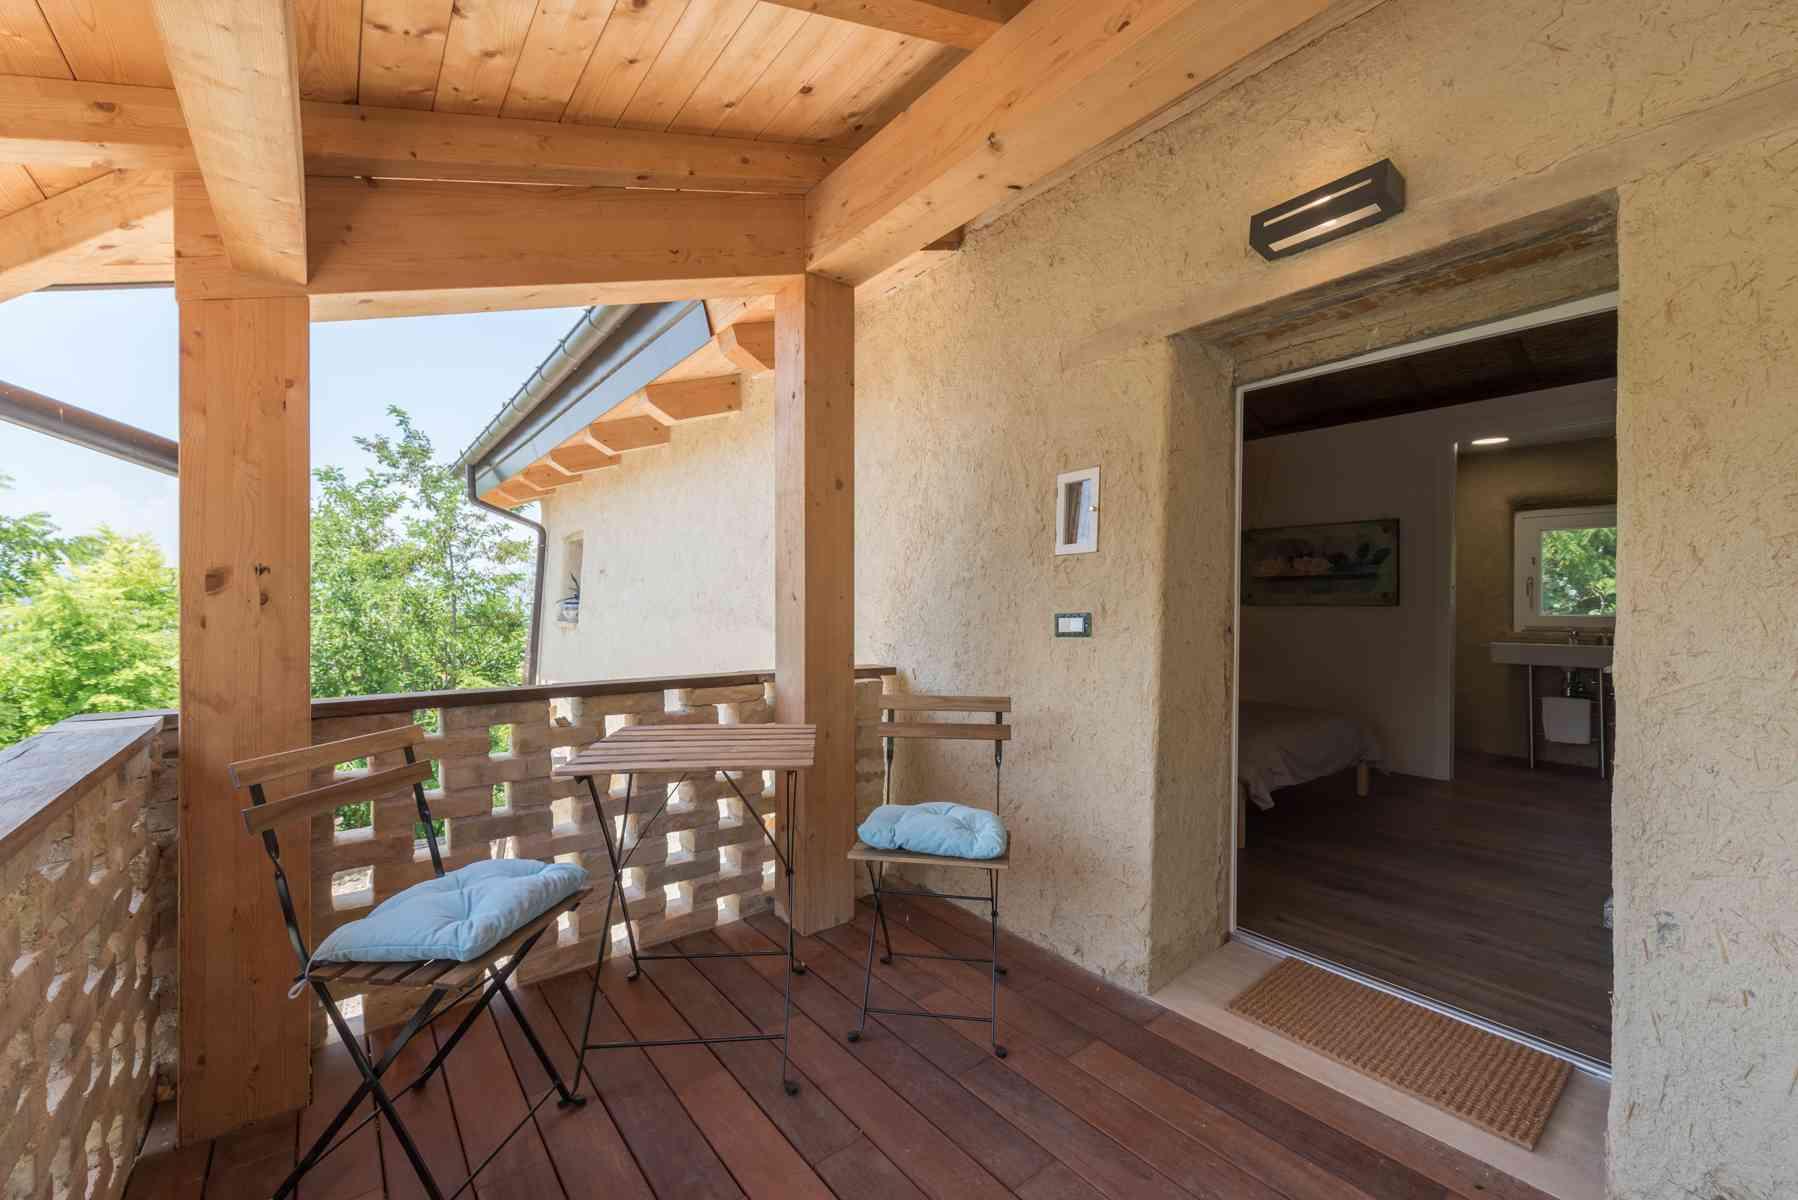 Villa Casa Sentinella - Casalincontrada - EUR 326.603